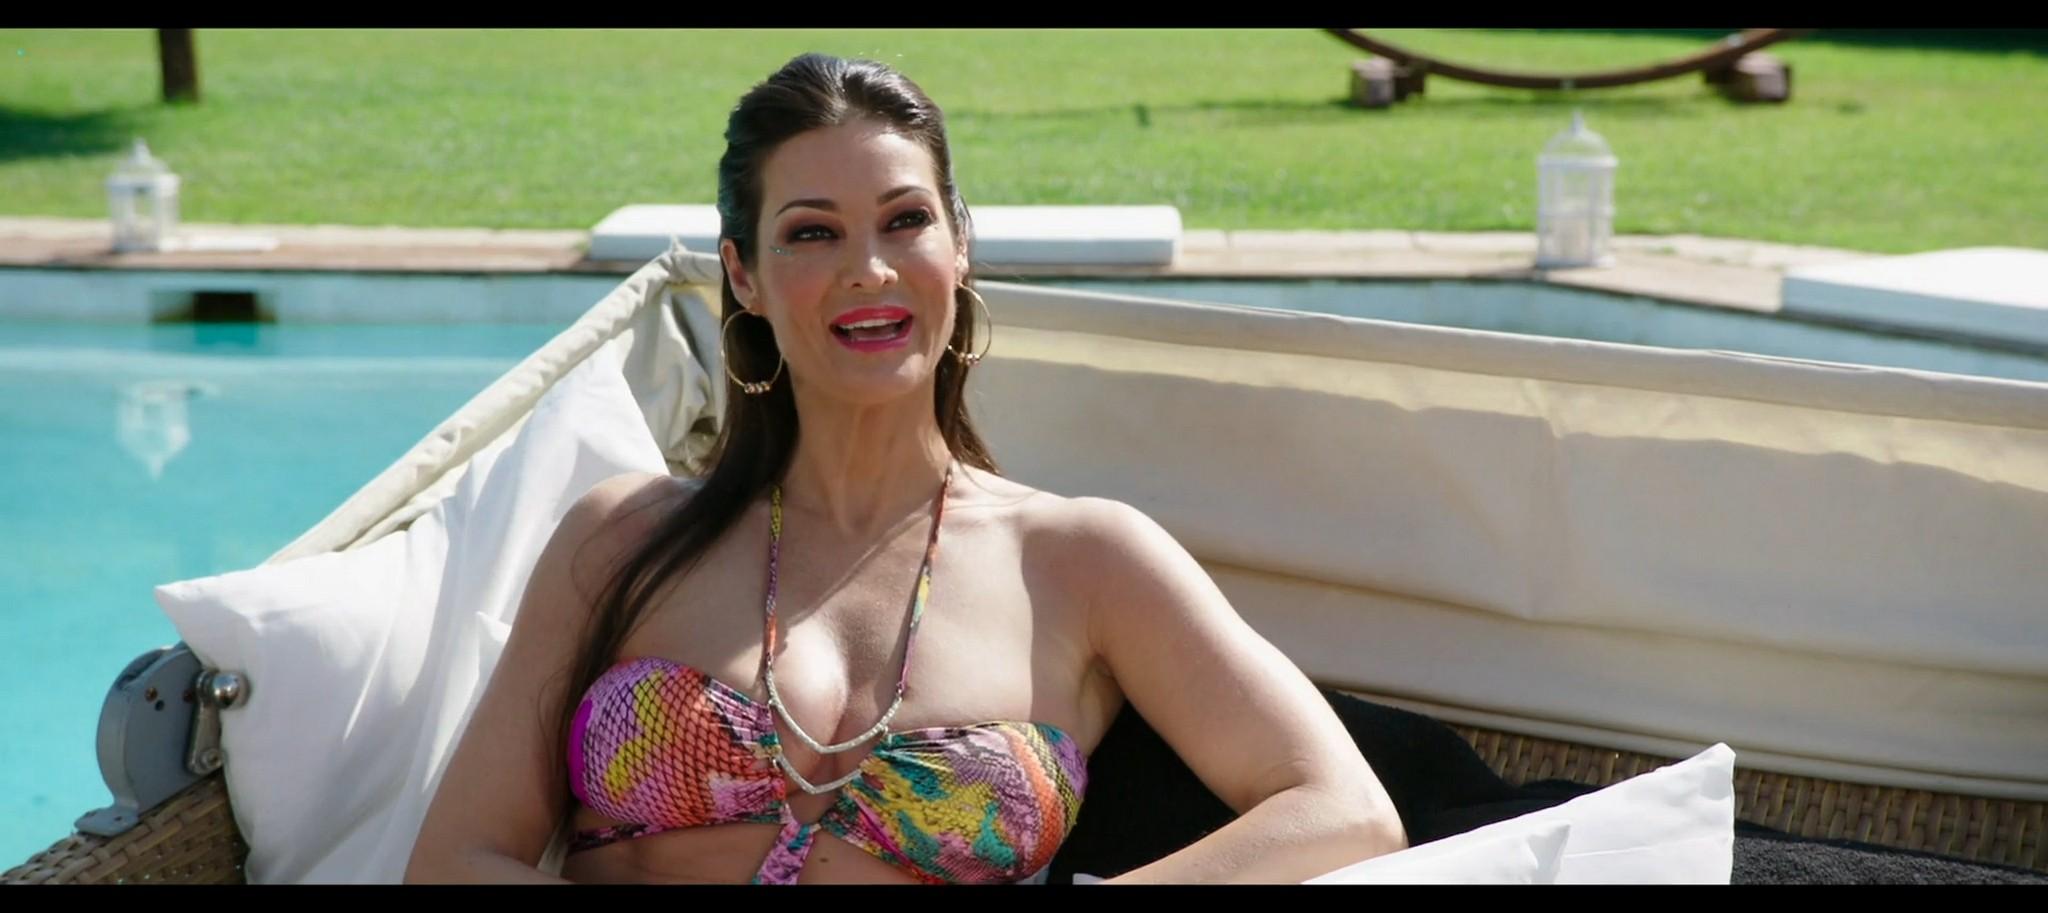 Manuela Arcuri hot bust Ria Antoniou sexy Non si ruba a casa dei ladri IT 2016 HD 1080p Web 006